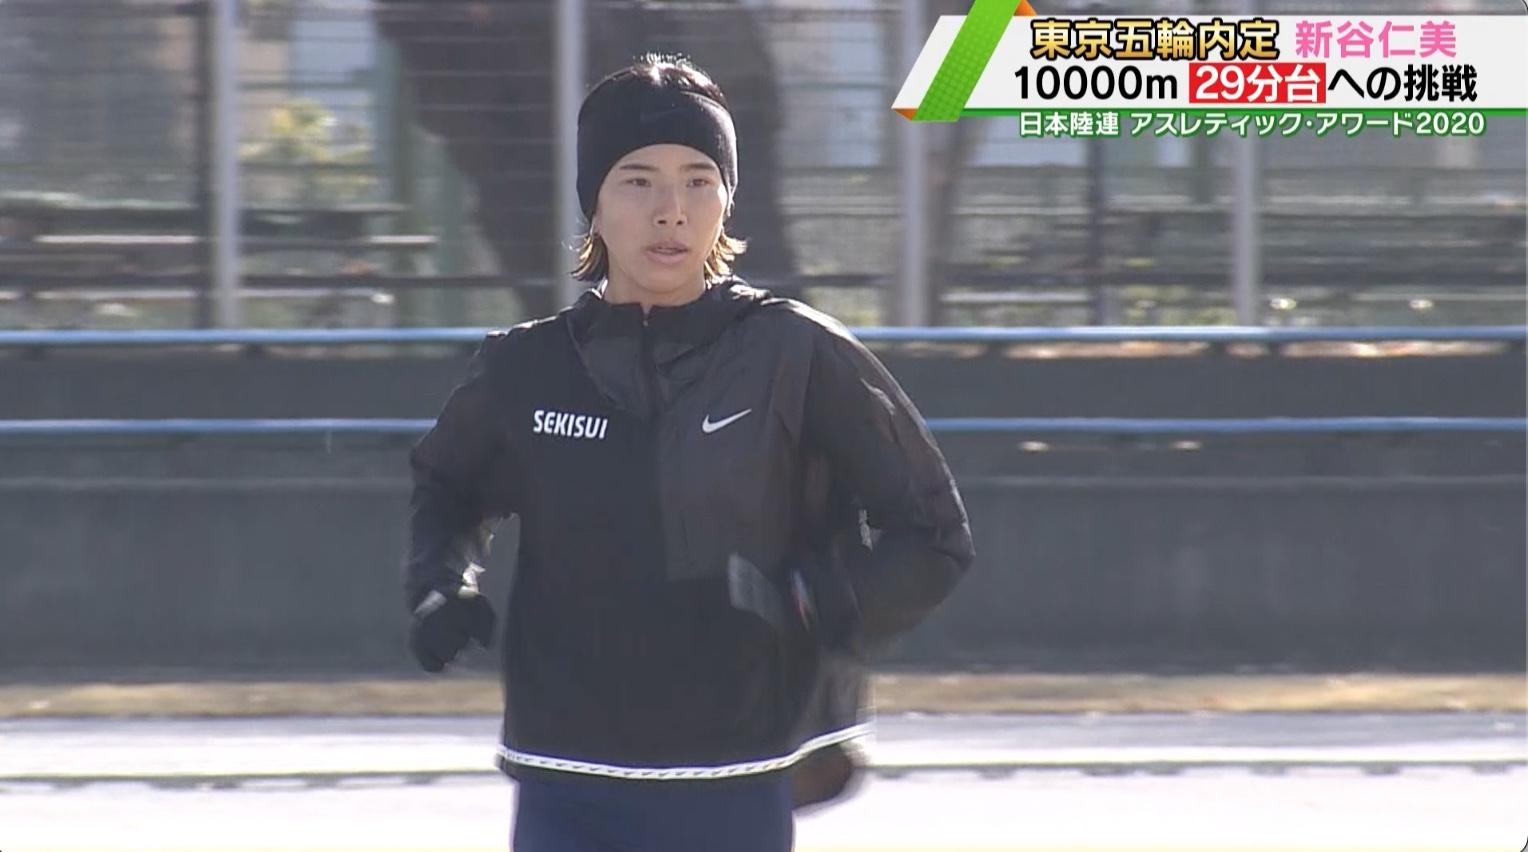 【陸上】新谷仁美が最優秀選手に選出!アスレティック・アワード2020